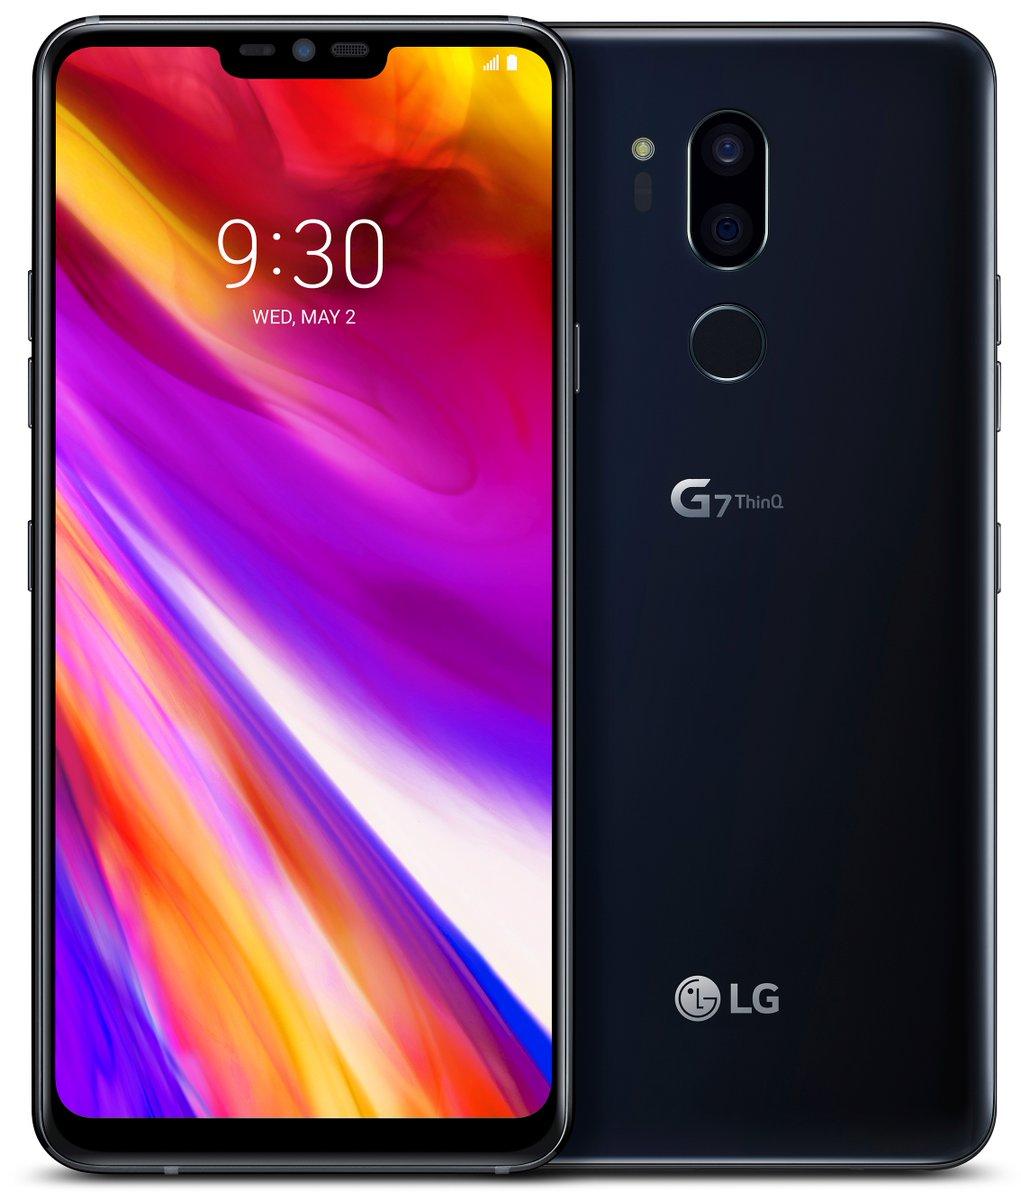 Miglior smartphone del 2018 lg g7